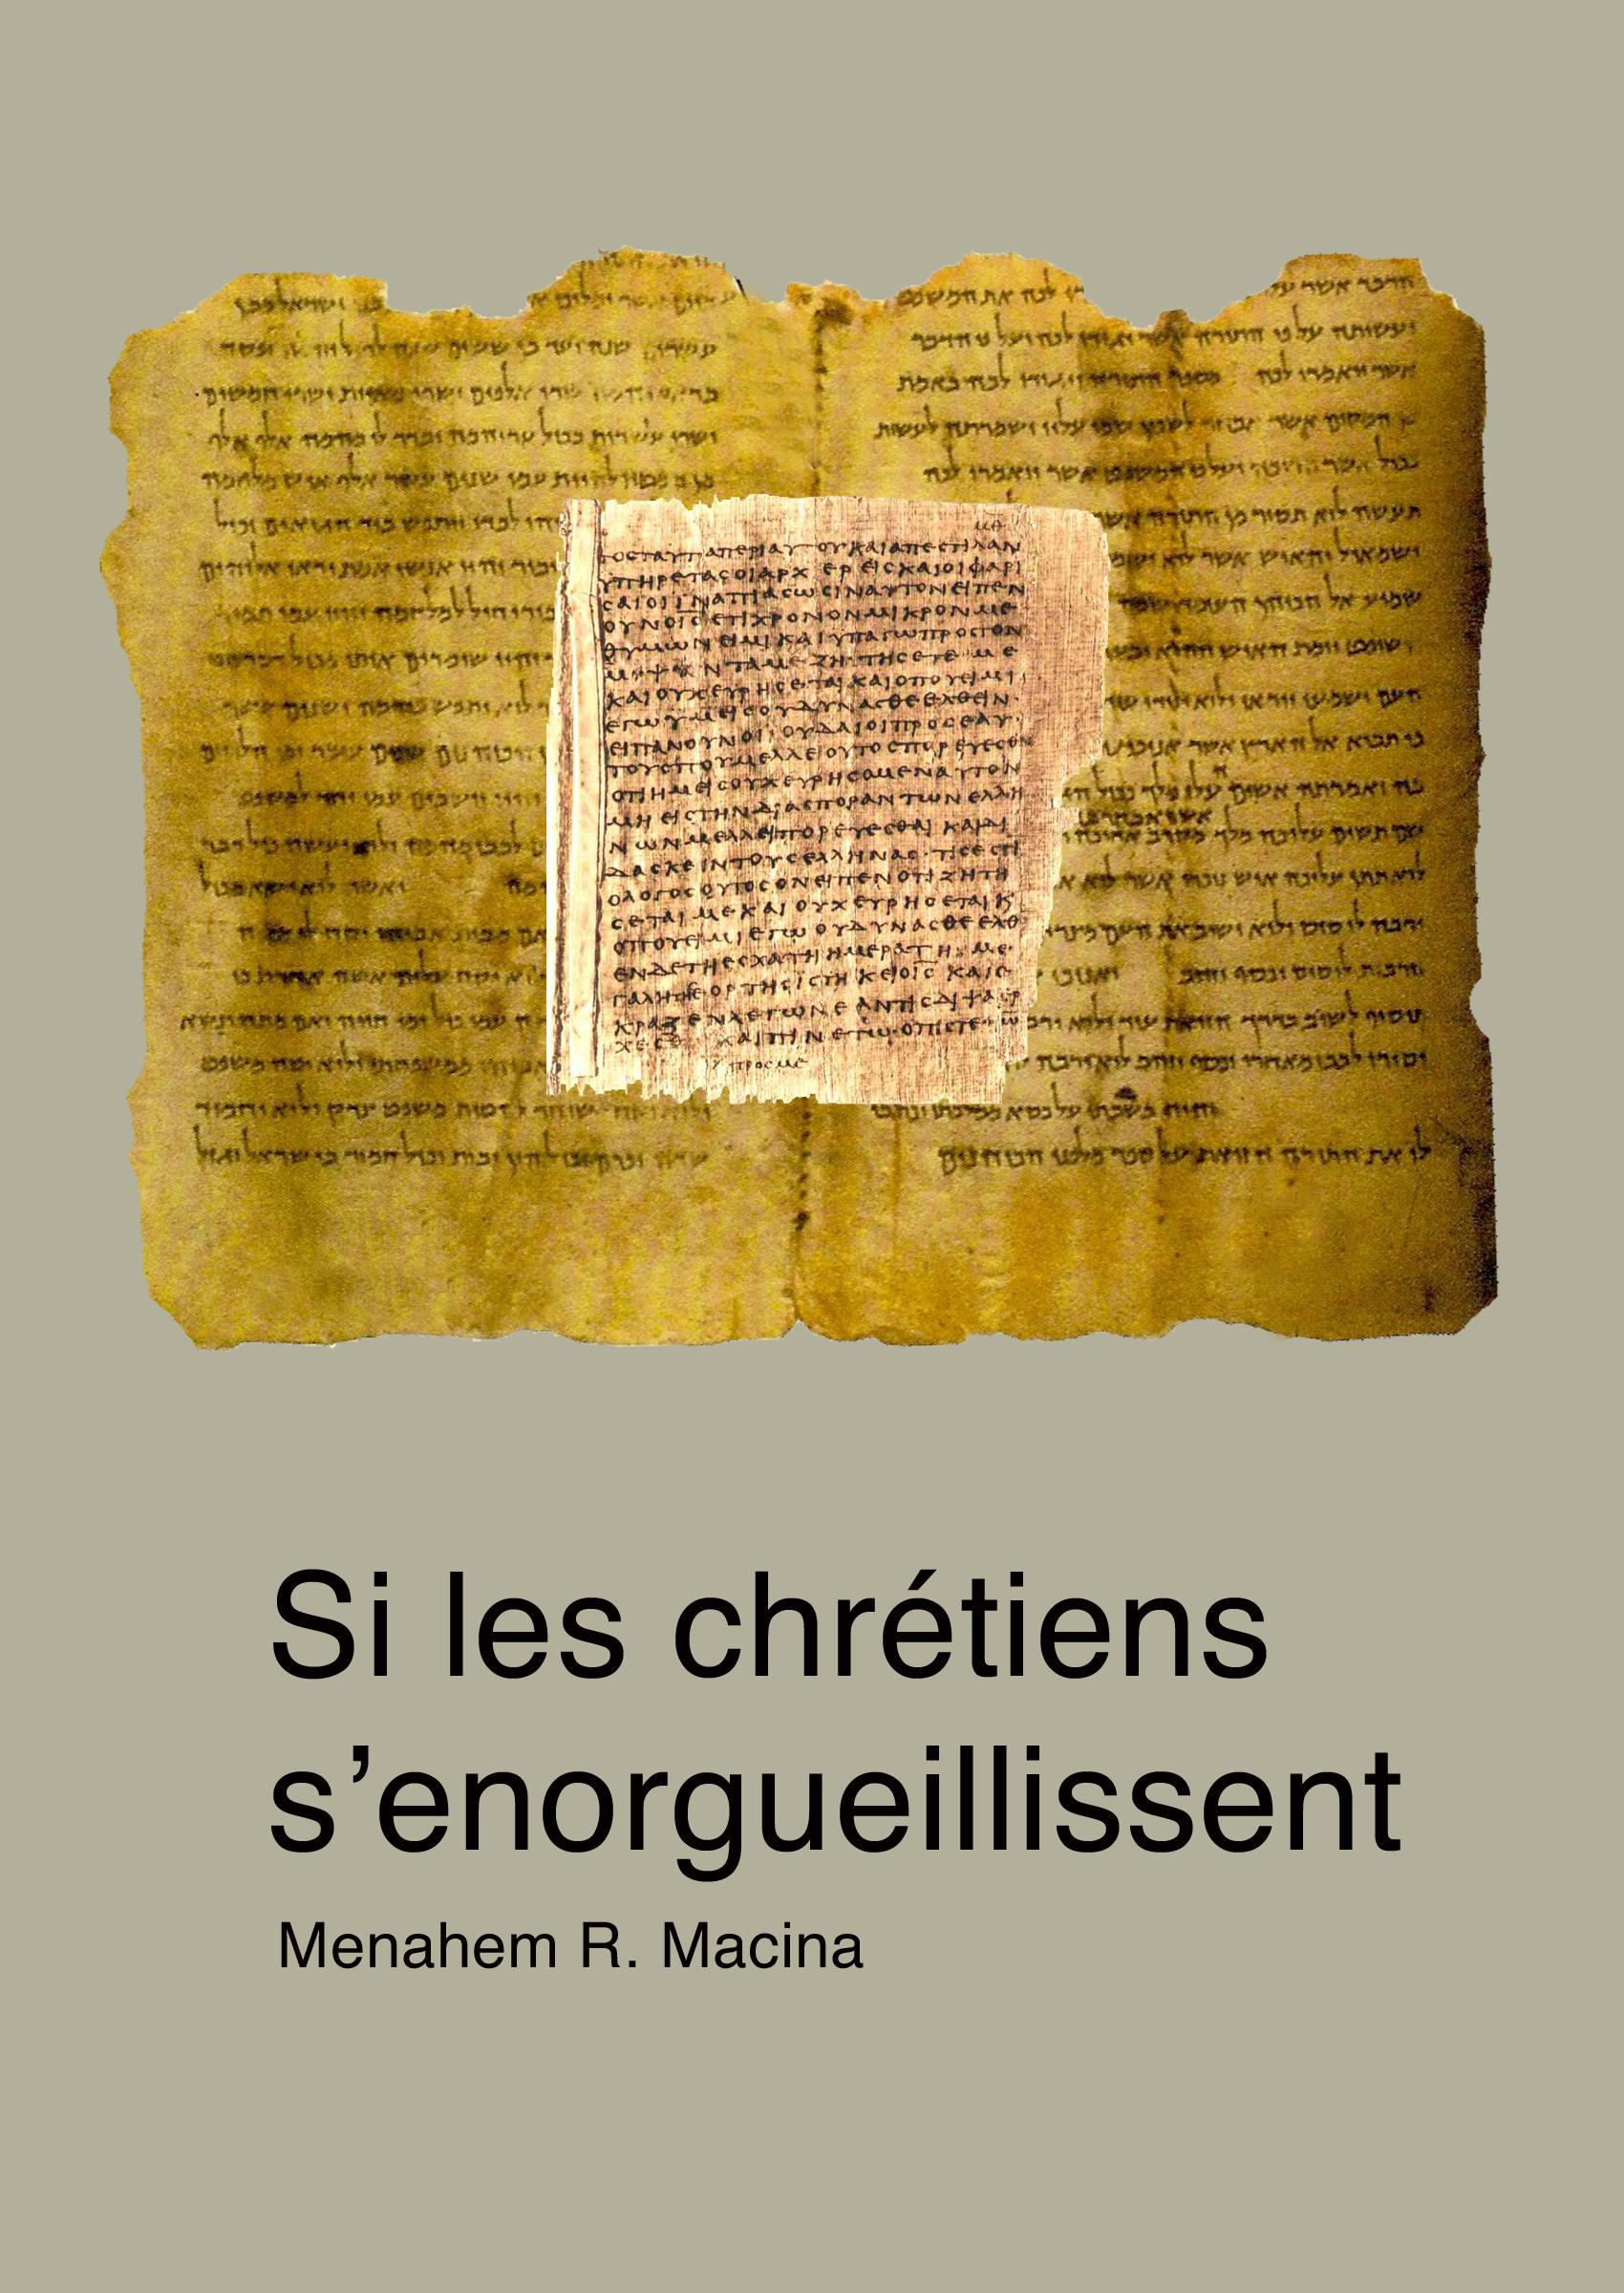 - Si les chrétiens s'enorgueillissent. À propos de la mise en garde de l'apôtre Paul (Rm 11, 20)